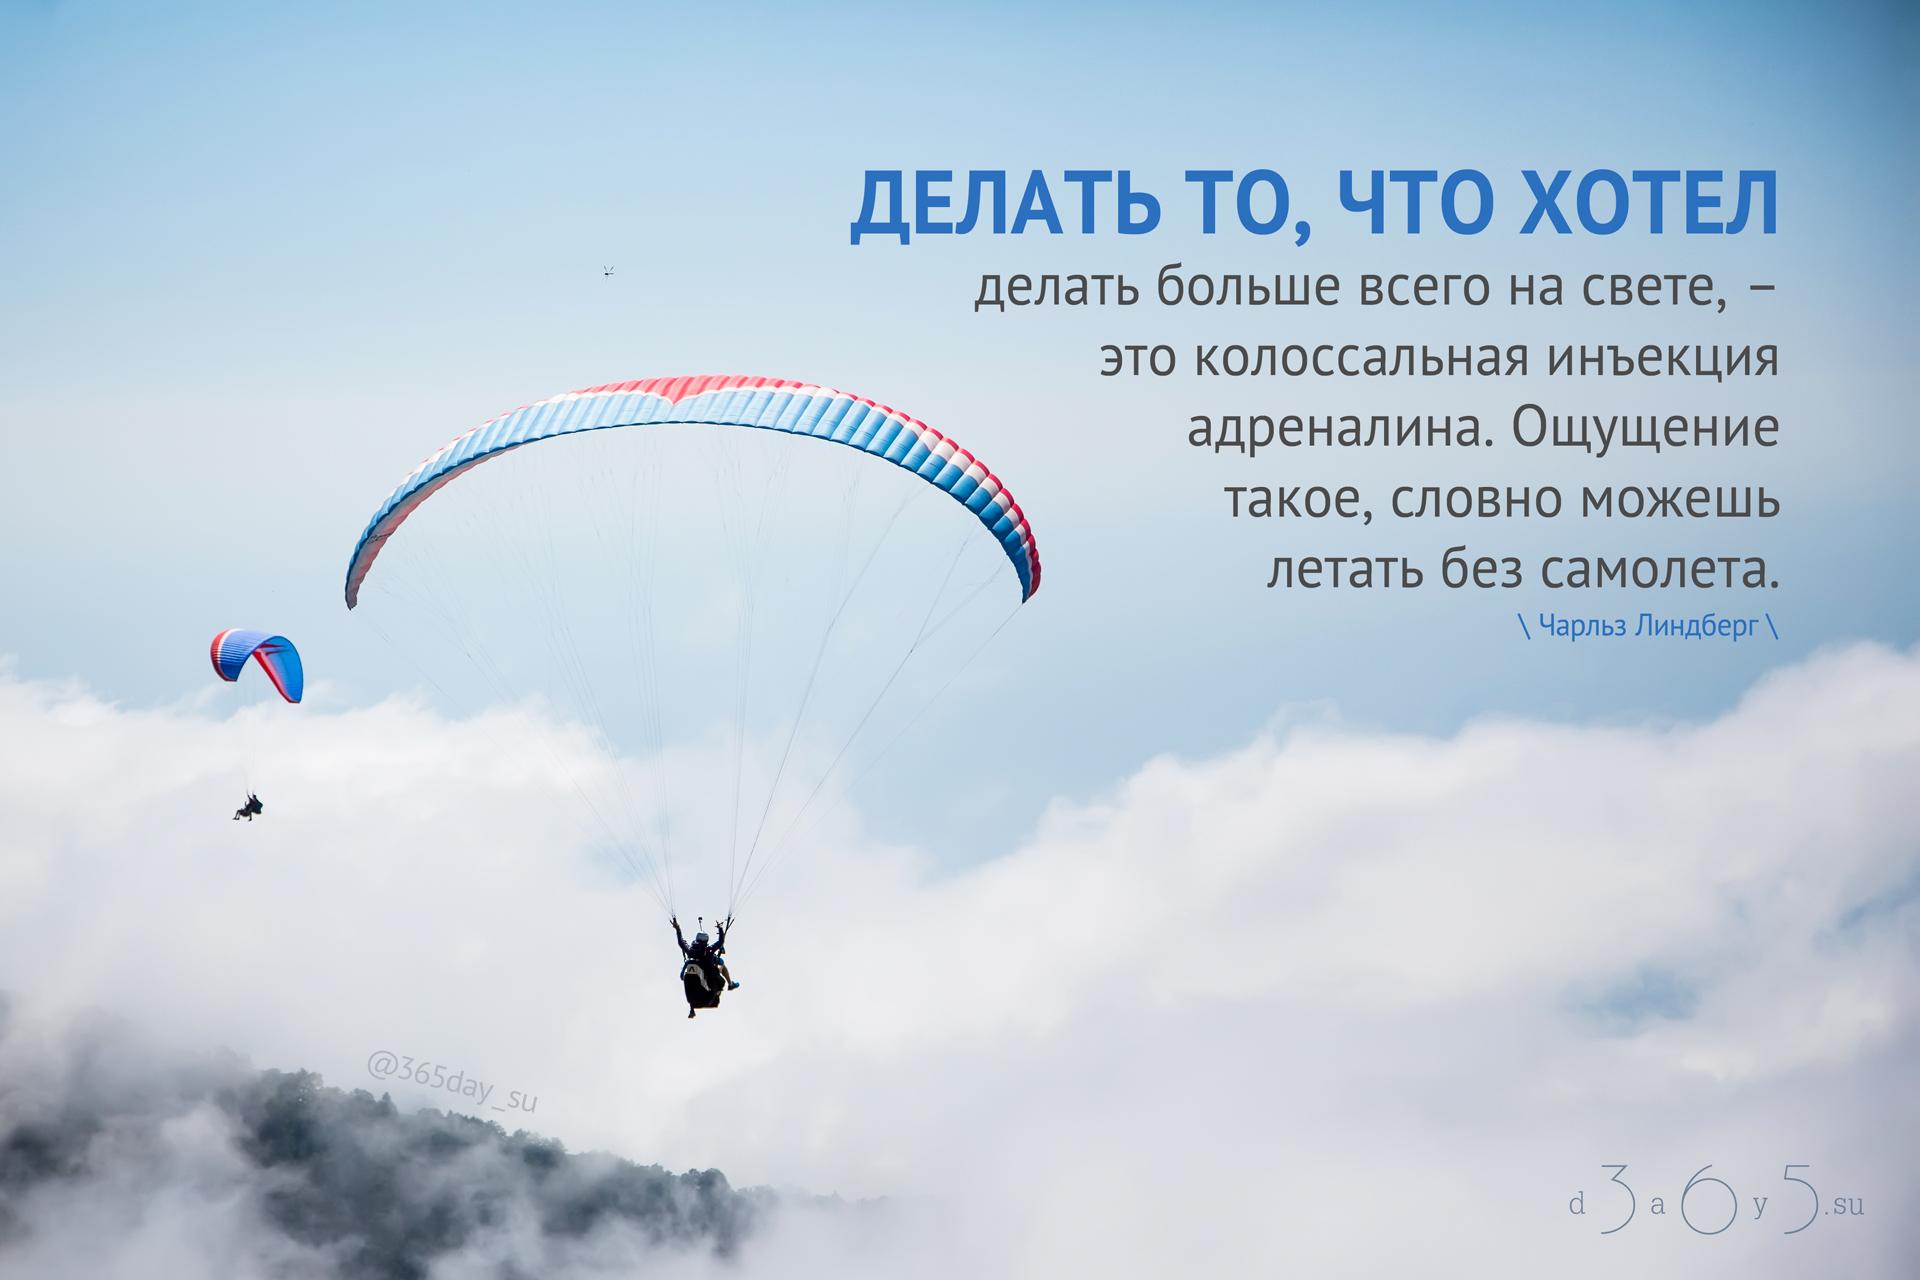 Поздравление про полет